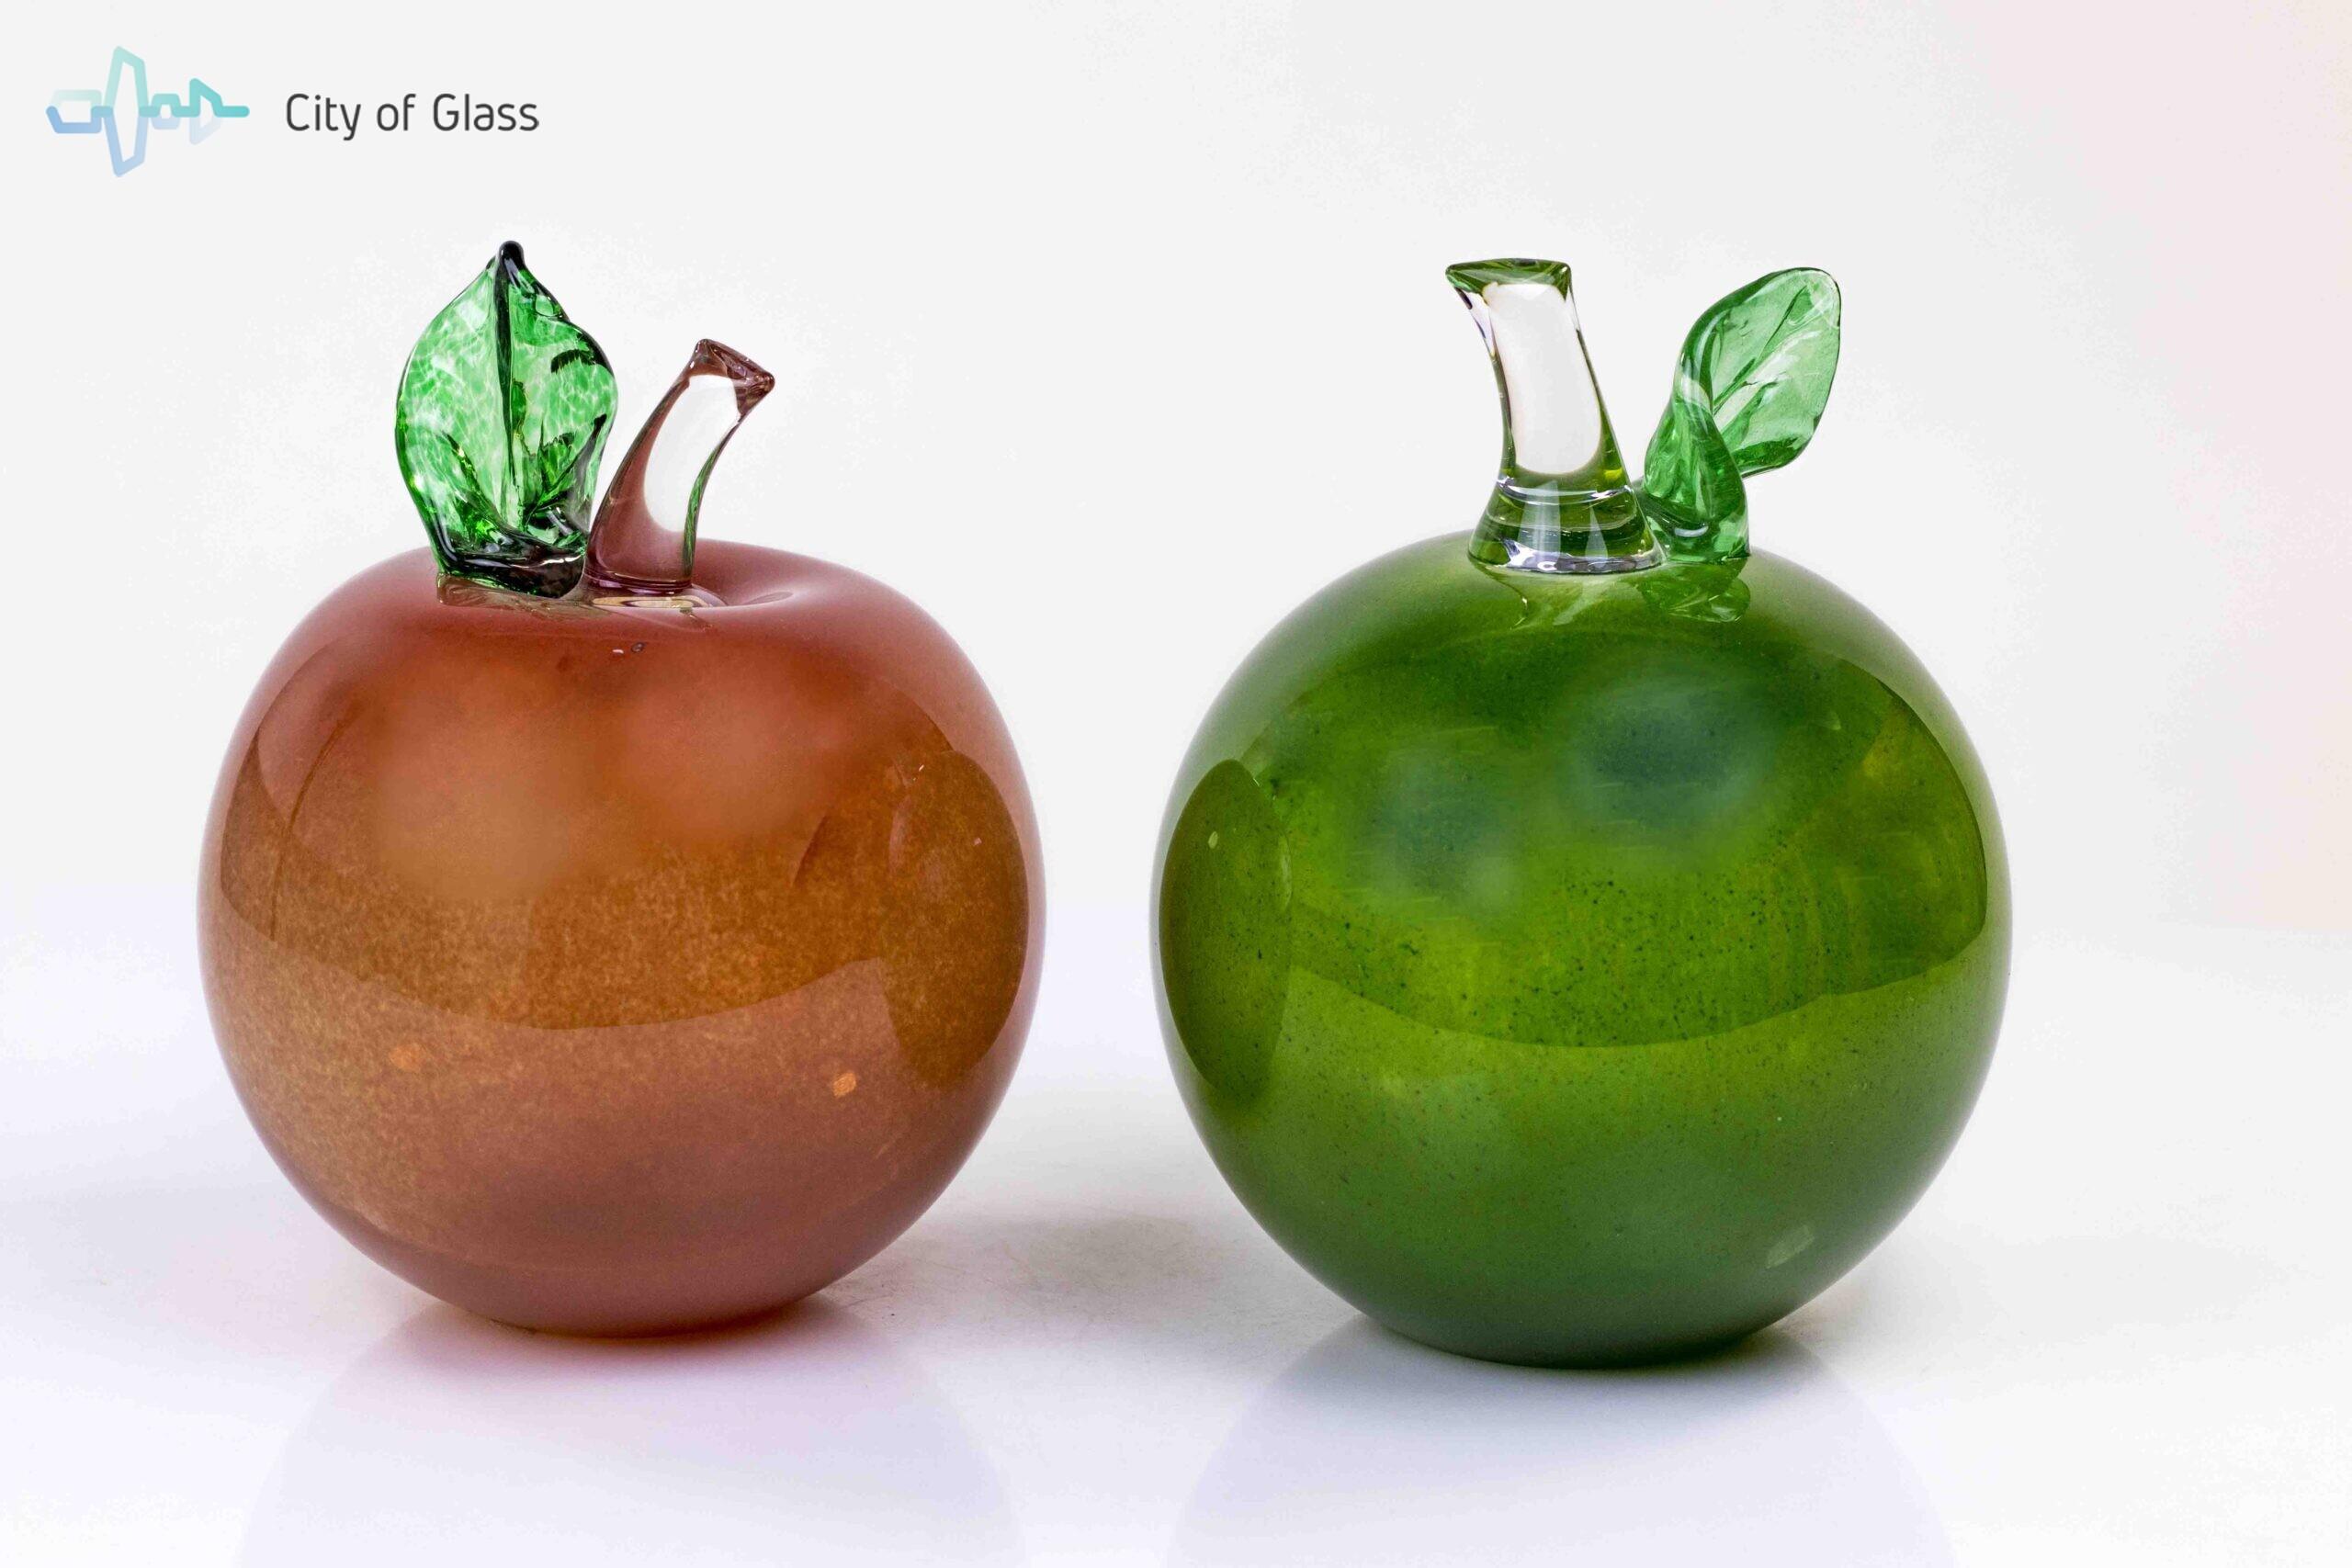 appels van glas rood en groen,